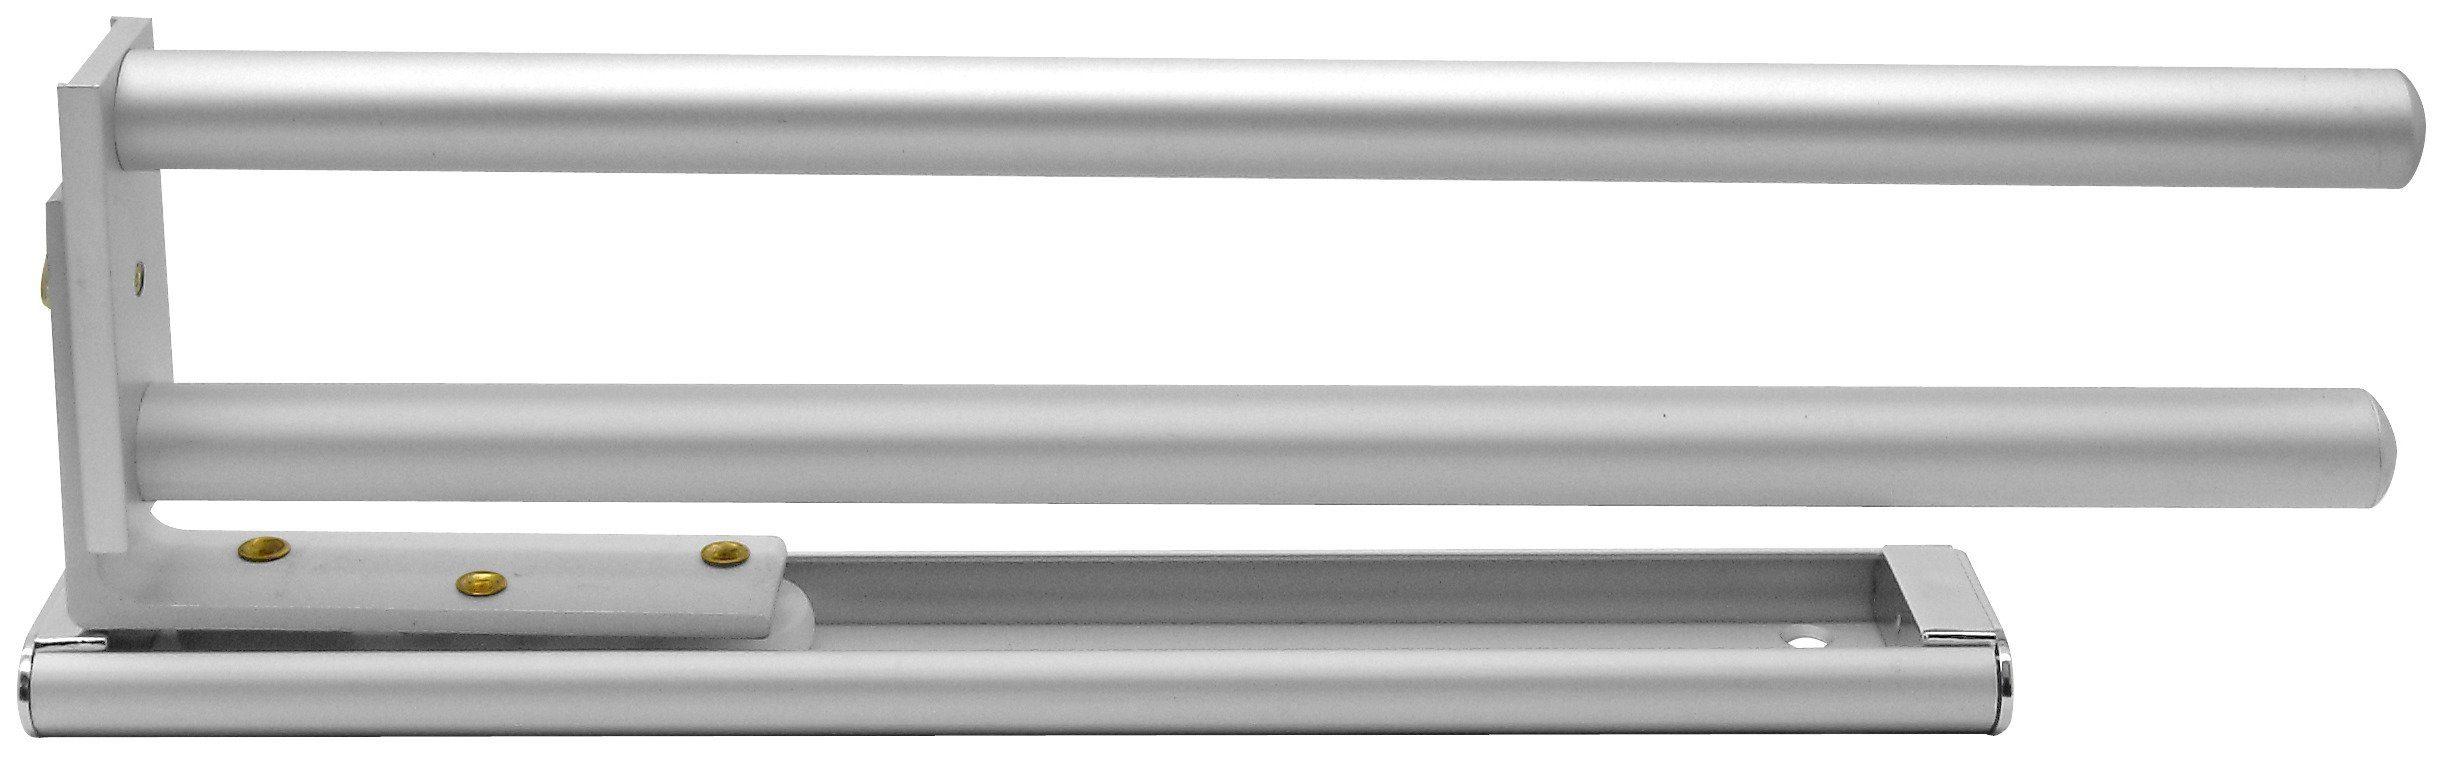 Handtuchhalter »Aluminium«